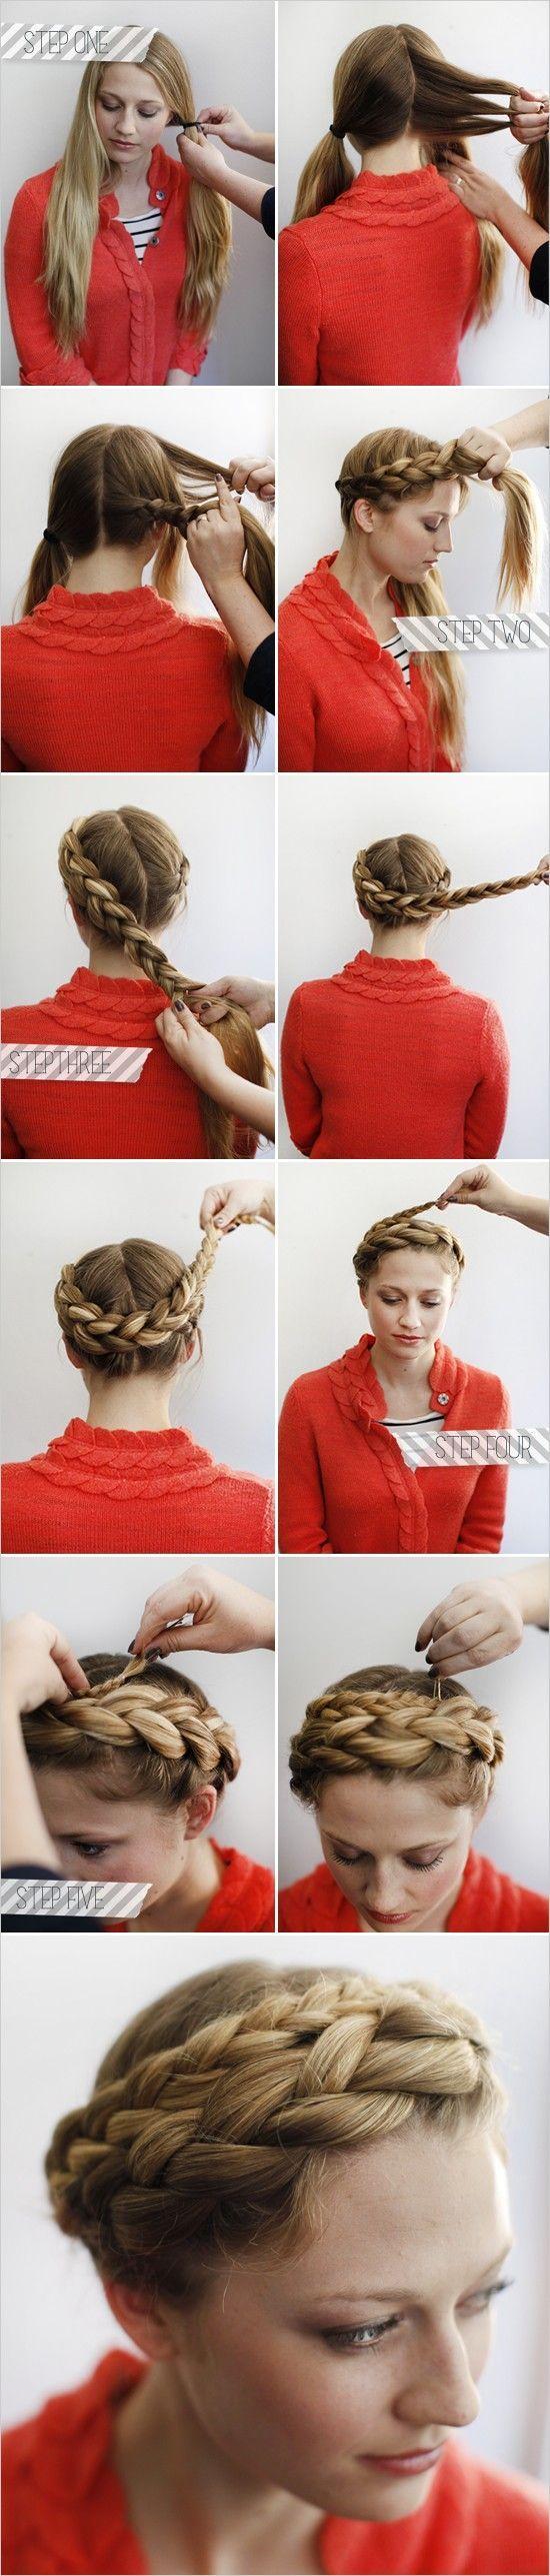 Forma practica de empezar la trenza alrededor de toda la cabeza.